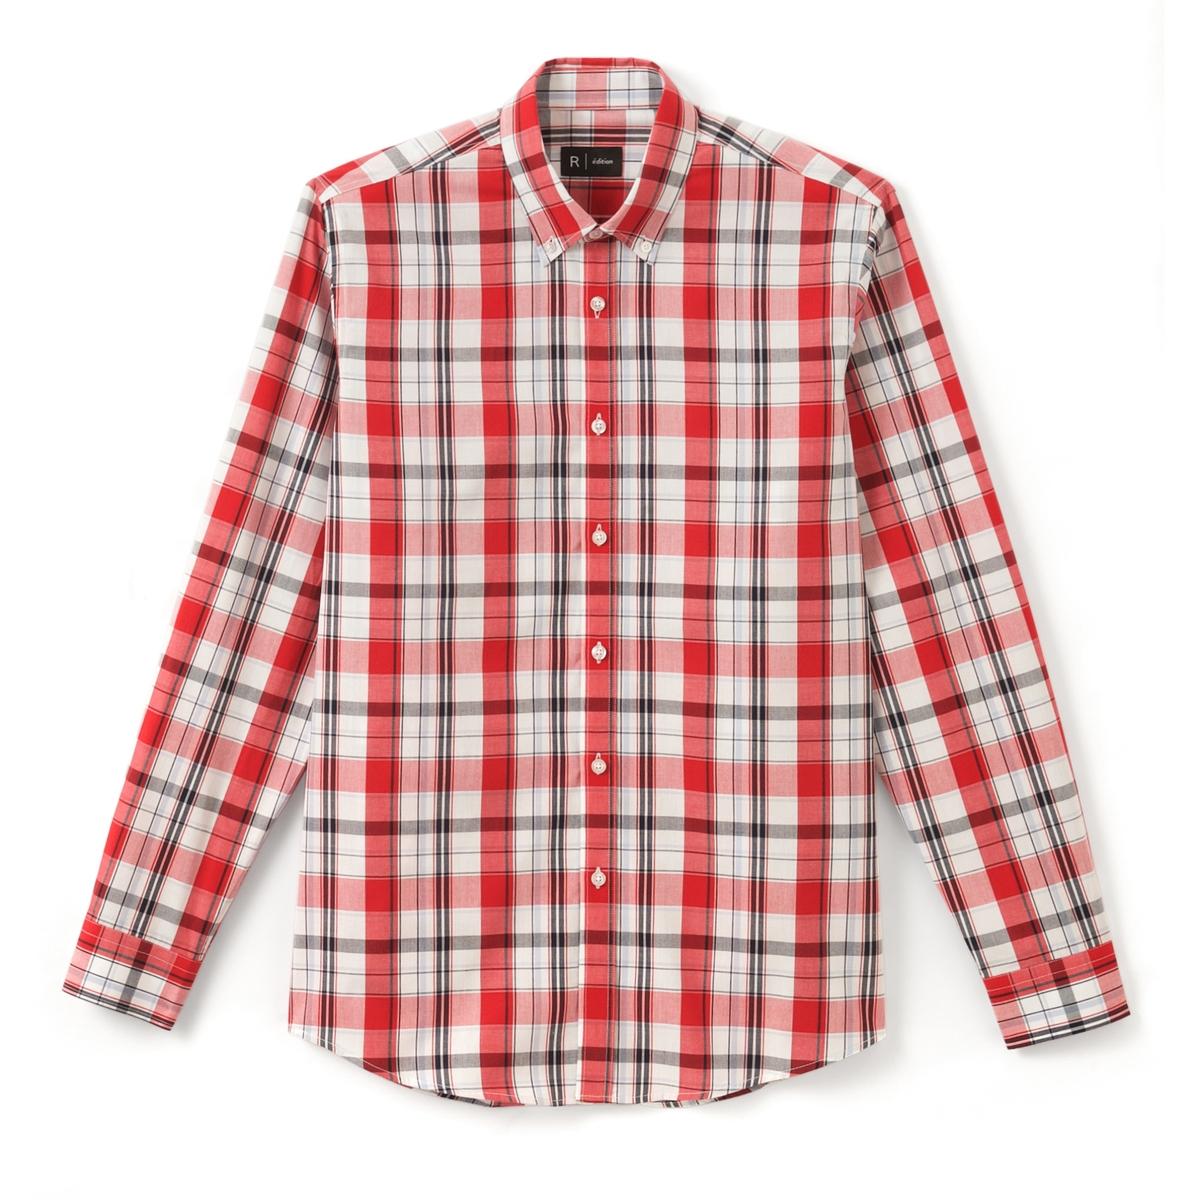 Рубашка прямого покроя в клетку 100% хлопокРубашка с длинными рукавами в клетку.  Прямой покрой, классический воротник. Низ рукавов с застежкой на пуговицы.Состав и описание :Материал  100% хлопкаМарка  R ?ditionДлина 79 смУход:Машинная стирка при 30 °C в деликатном режимеСтирать с вещами подобного цвета с изнанки   Отбеливание запрещеноГладить при средней температуреГладить с изнаночной стороныСухая (химическая) чистка запрещенаМашинная сушка запрещена<br><br>Цвет: в клетку красный<br>Размер: 37/38